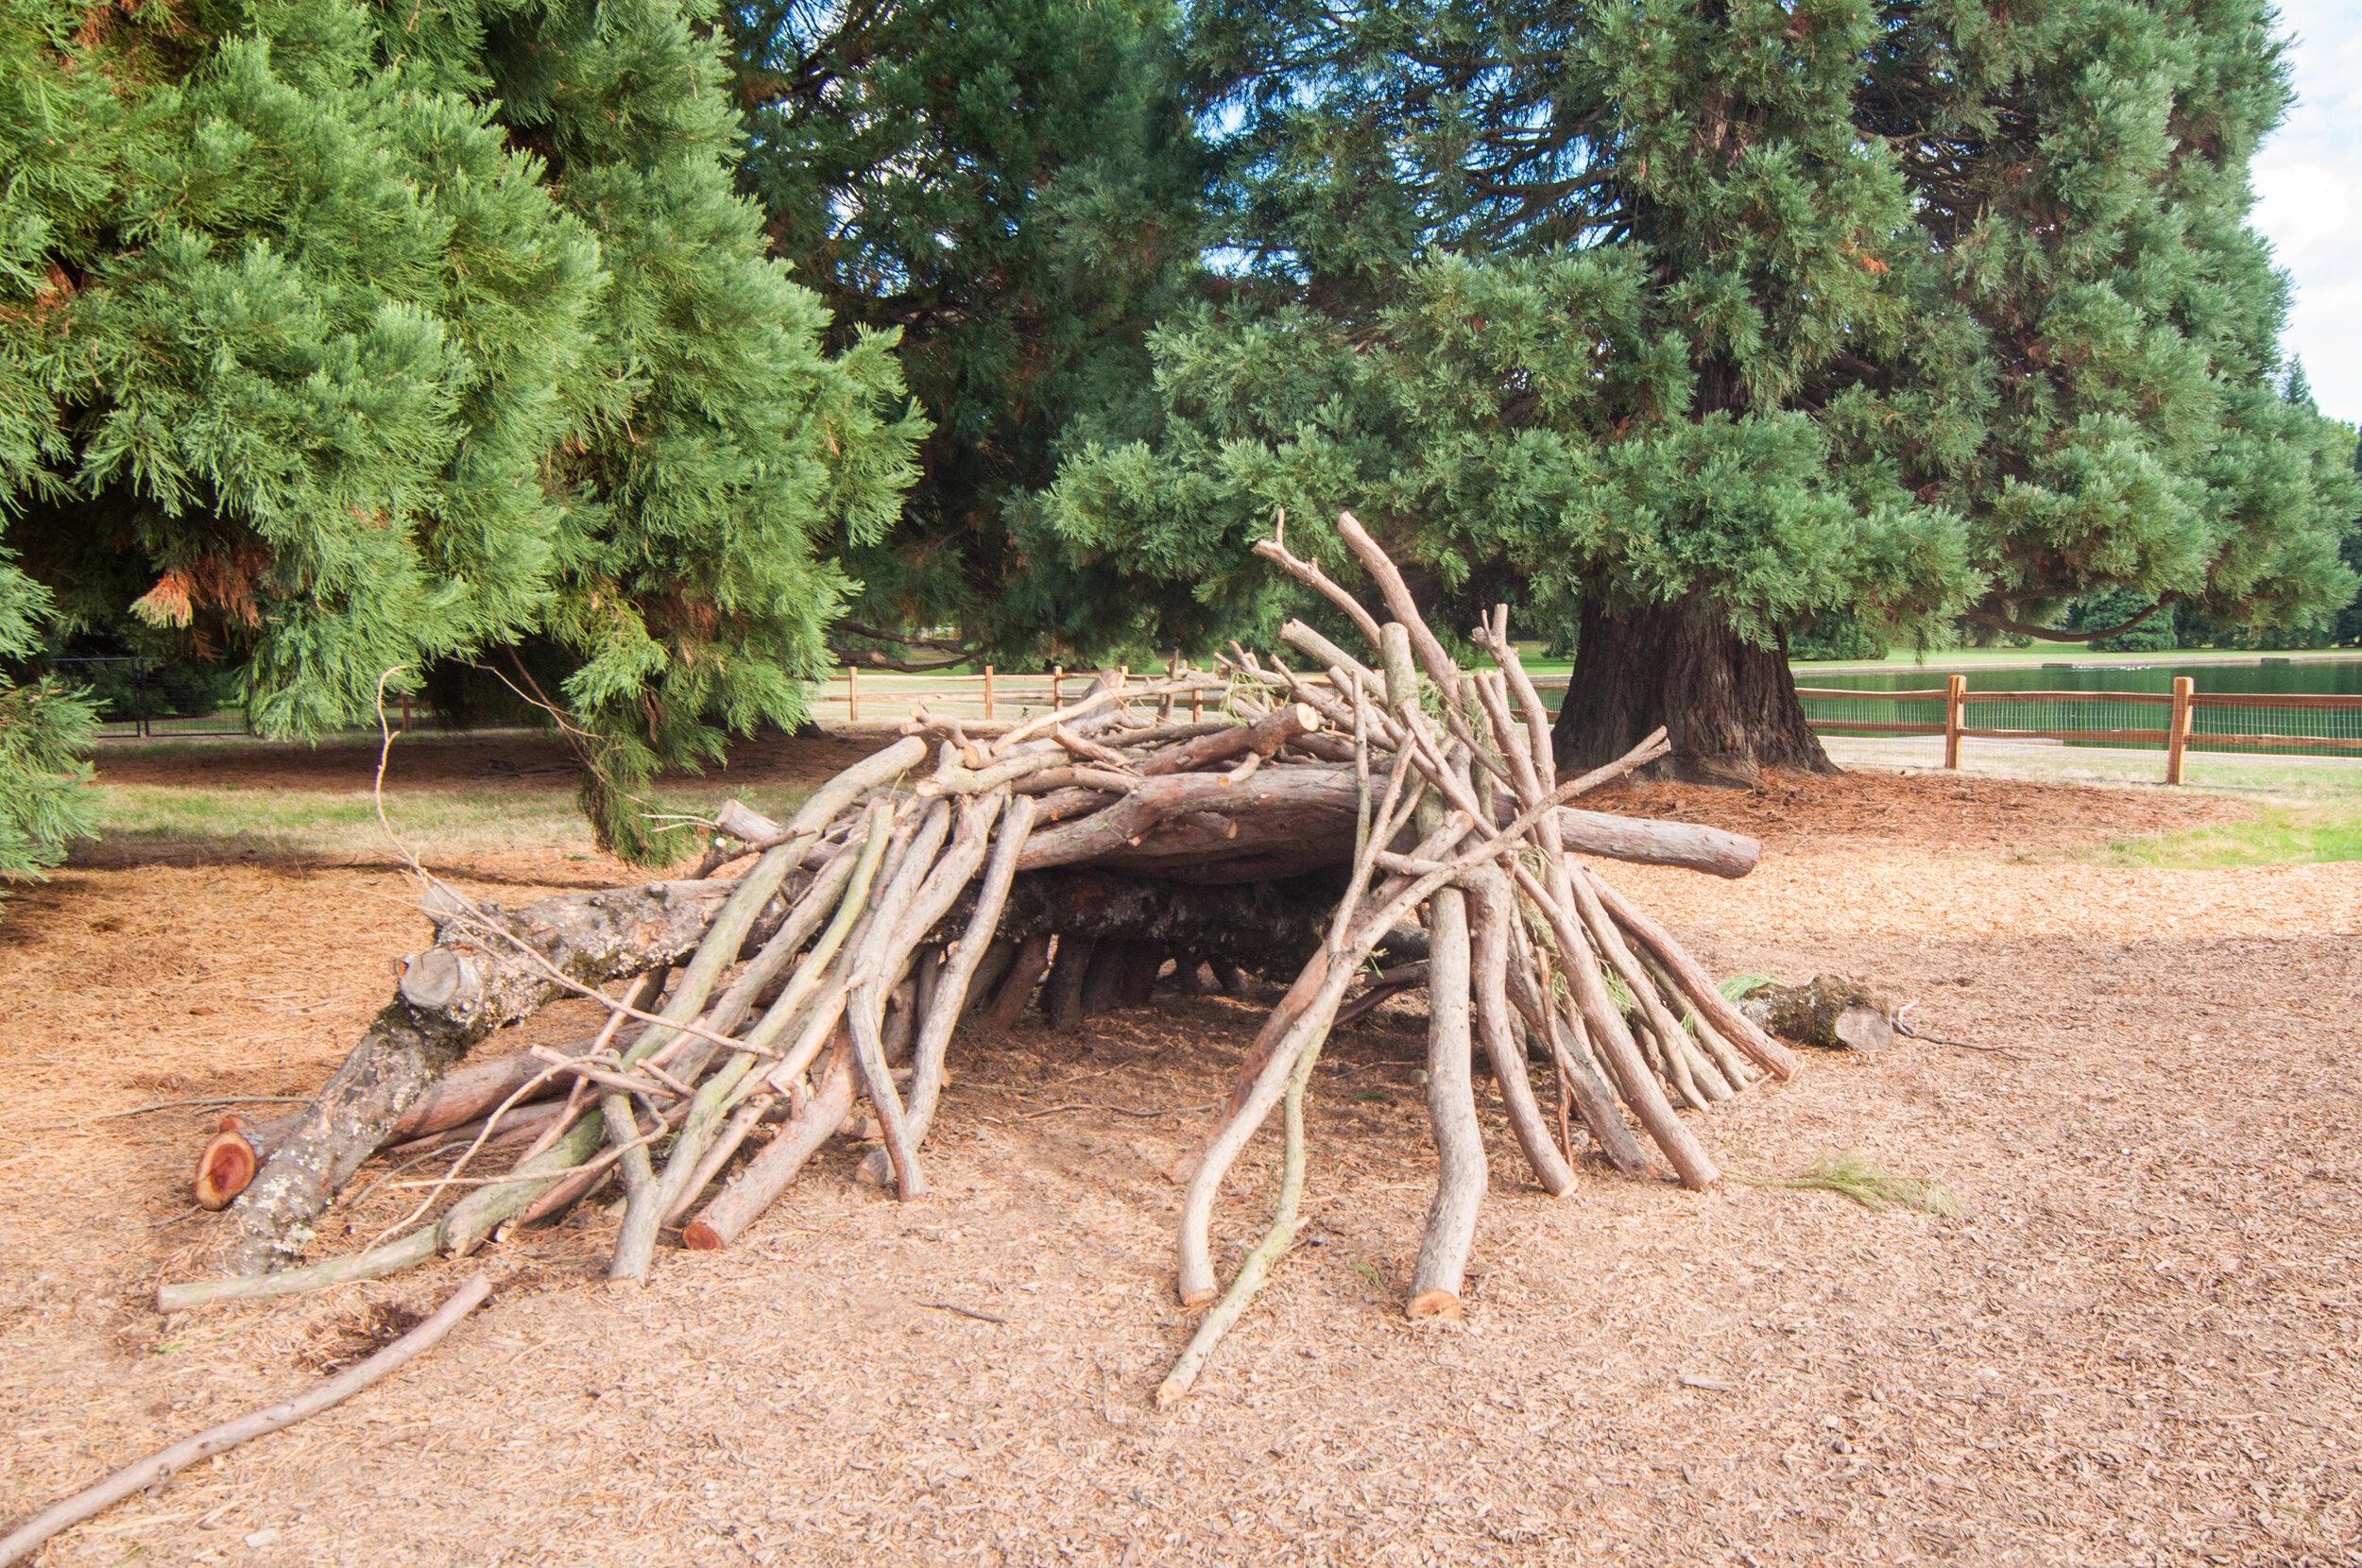 Westmoreland_stick_structure_playground.jpg